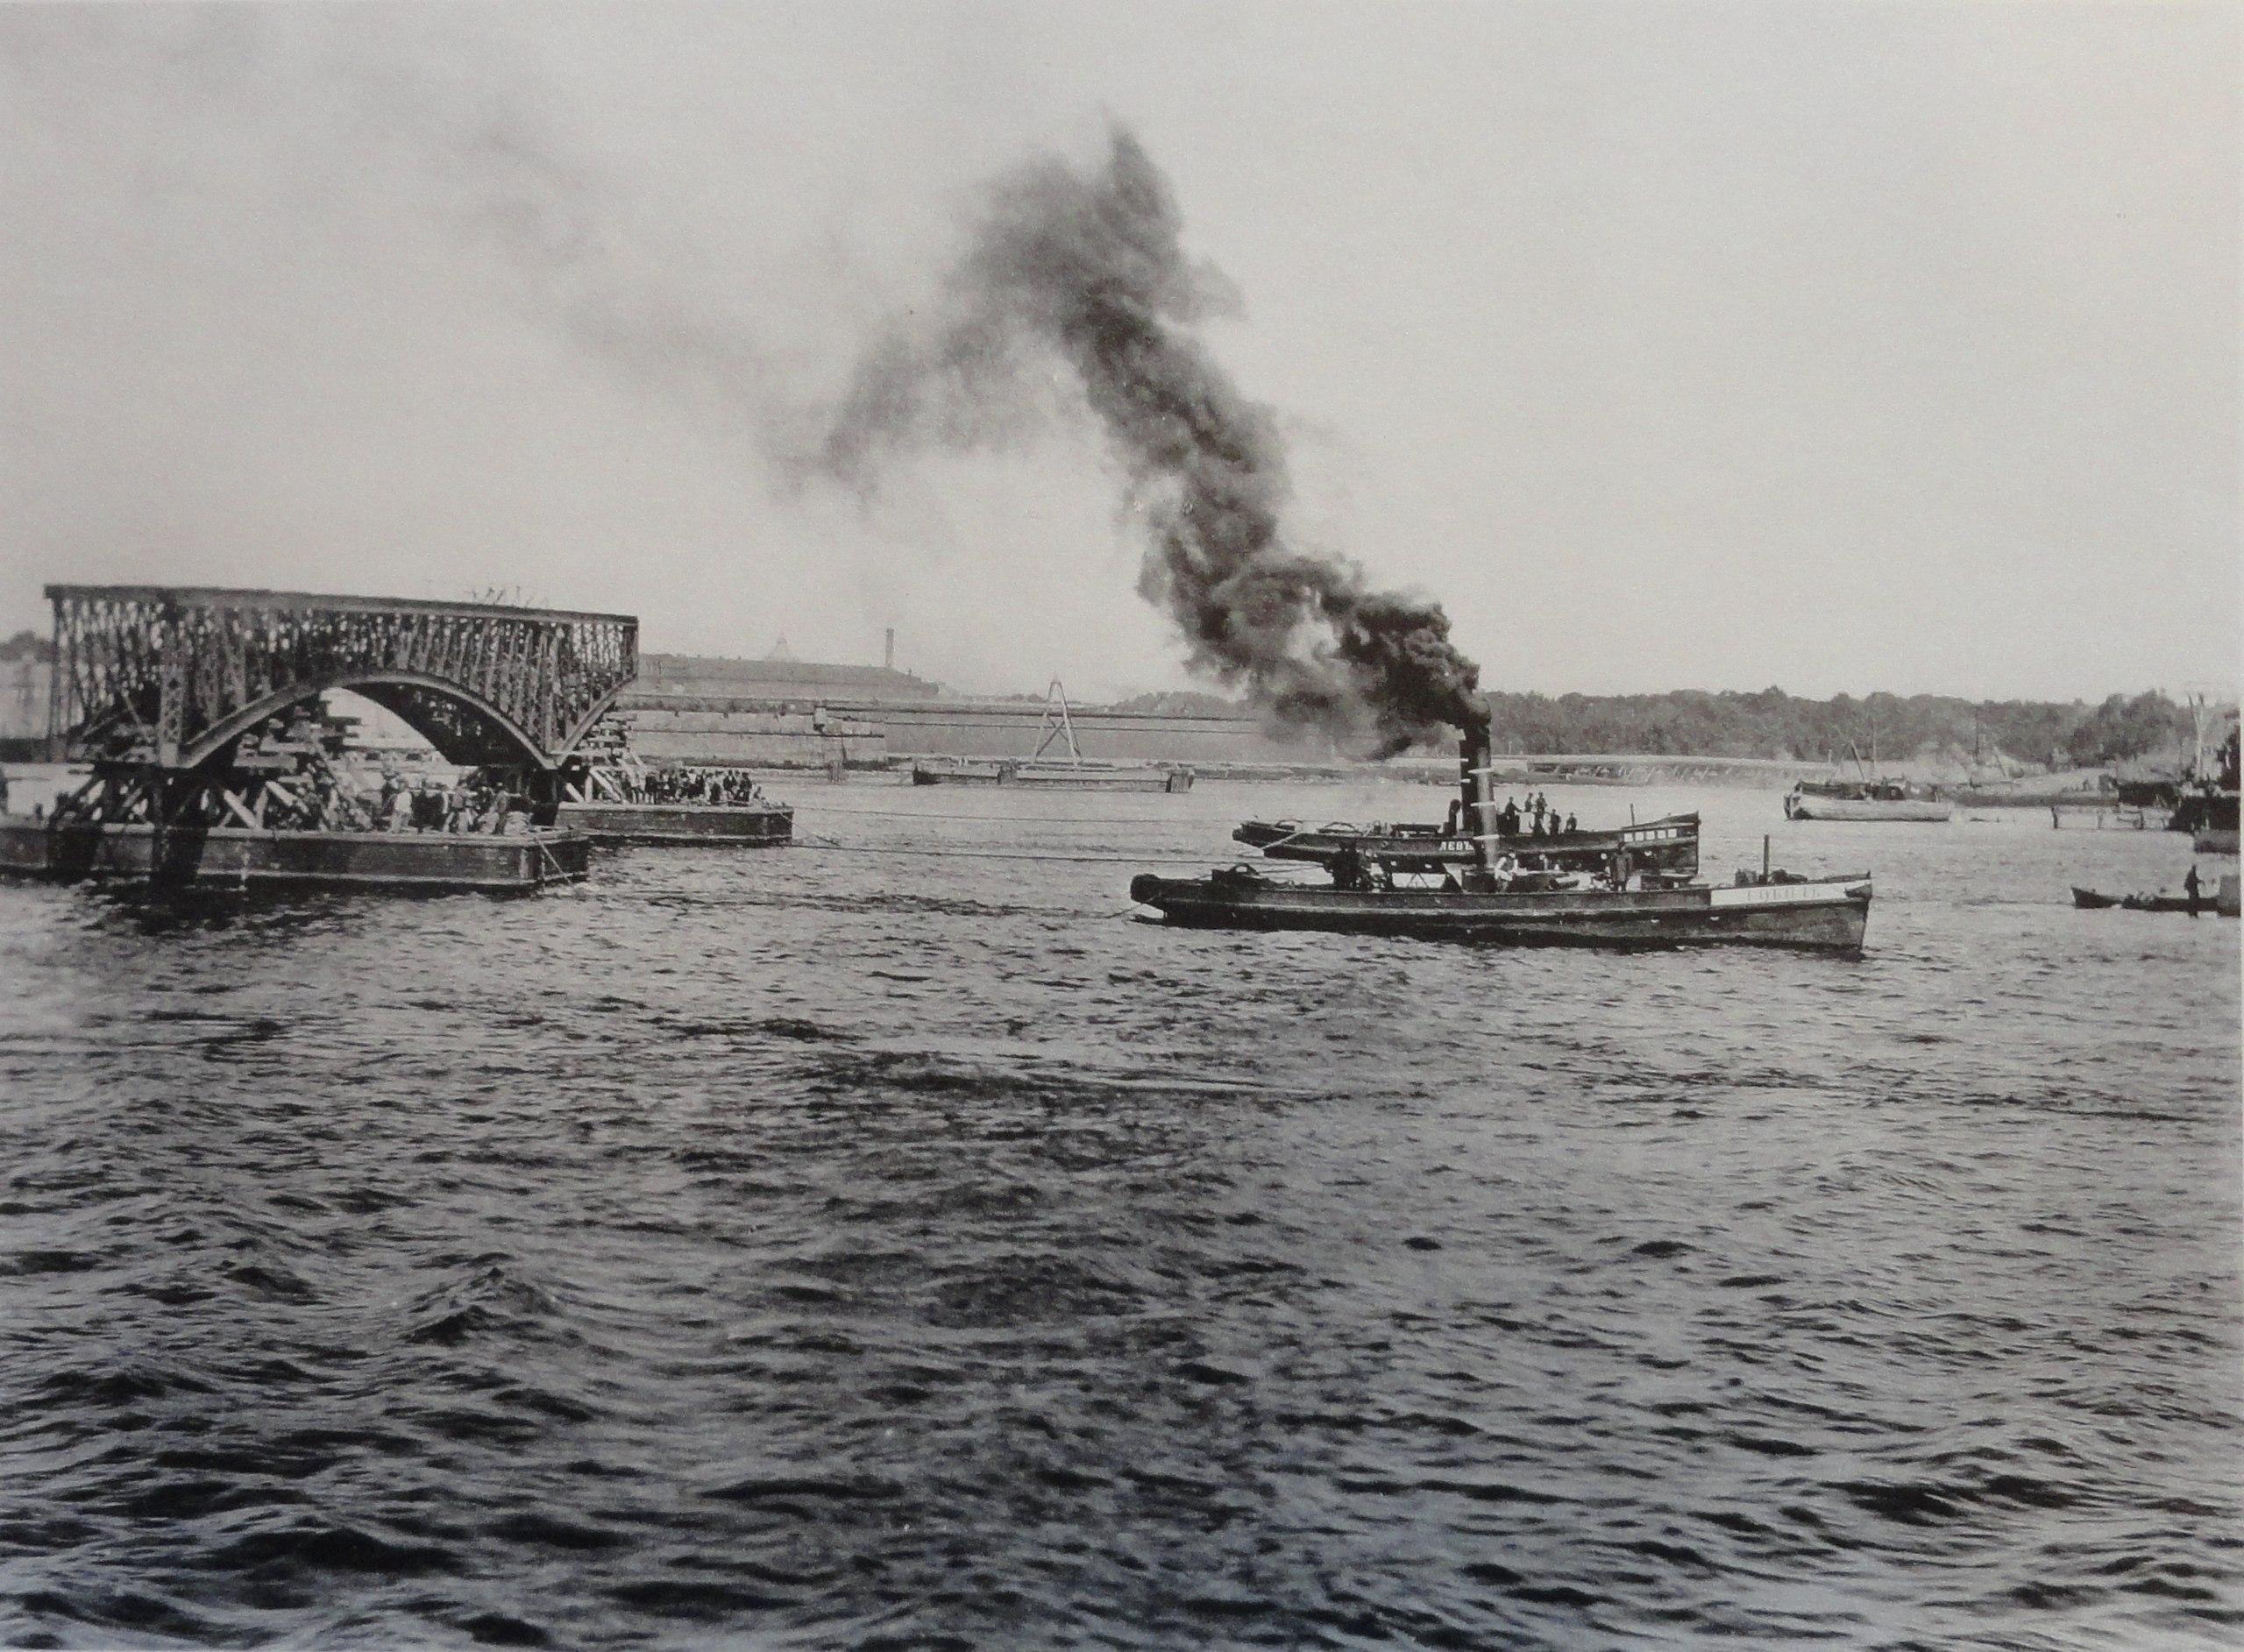 1901. Перевозка пары ферм левого крайнего пролета. 27 июня